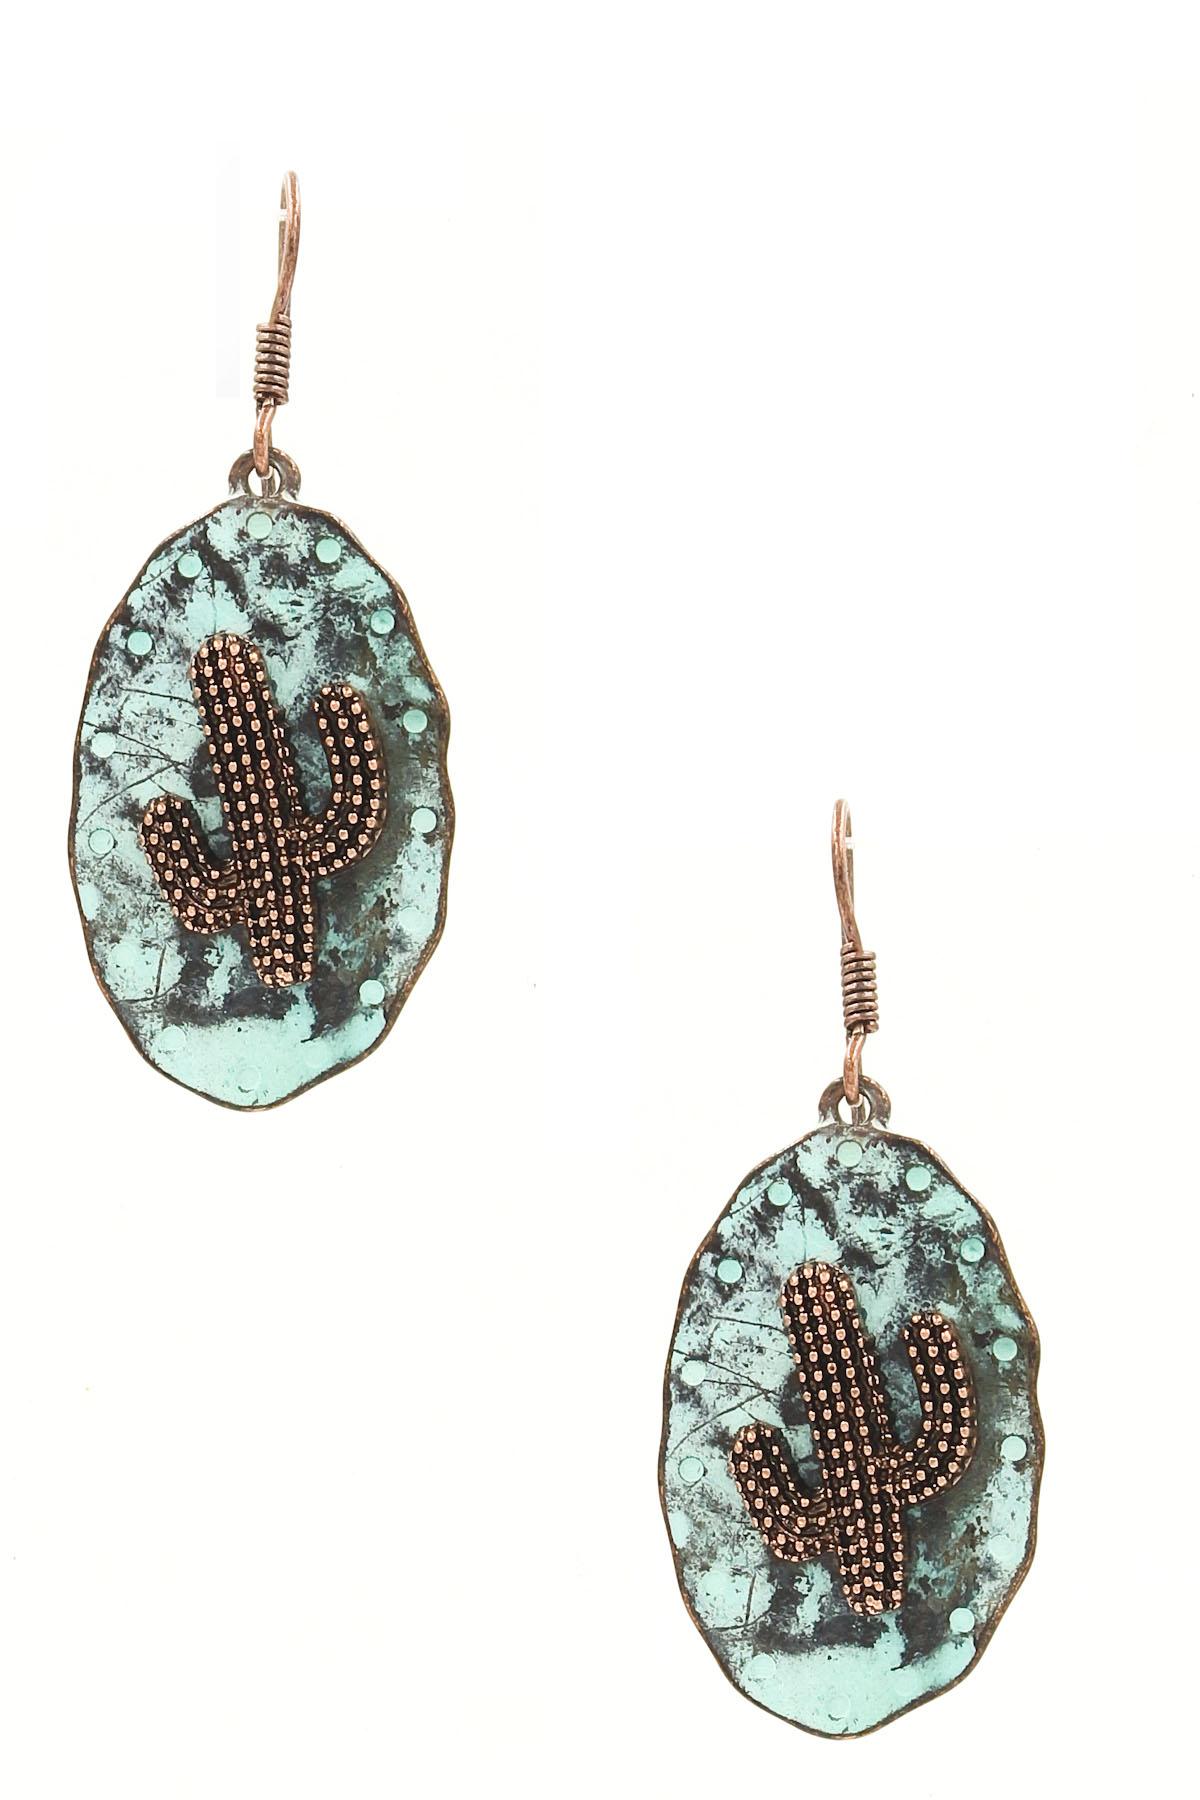 Hammered metal cactus earrings